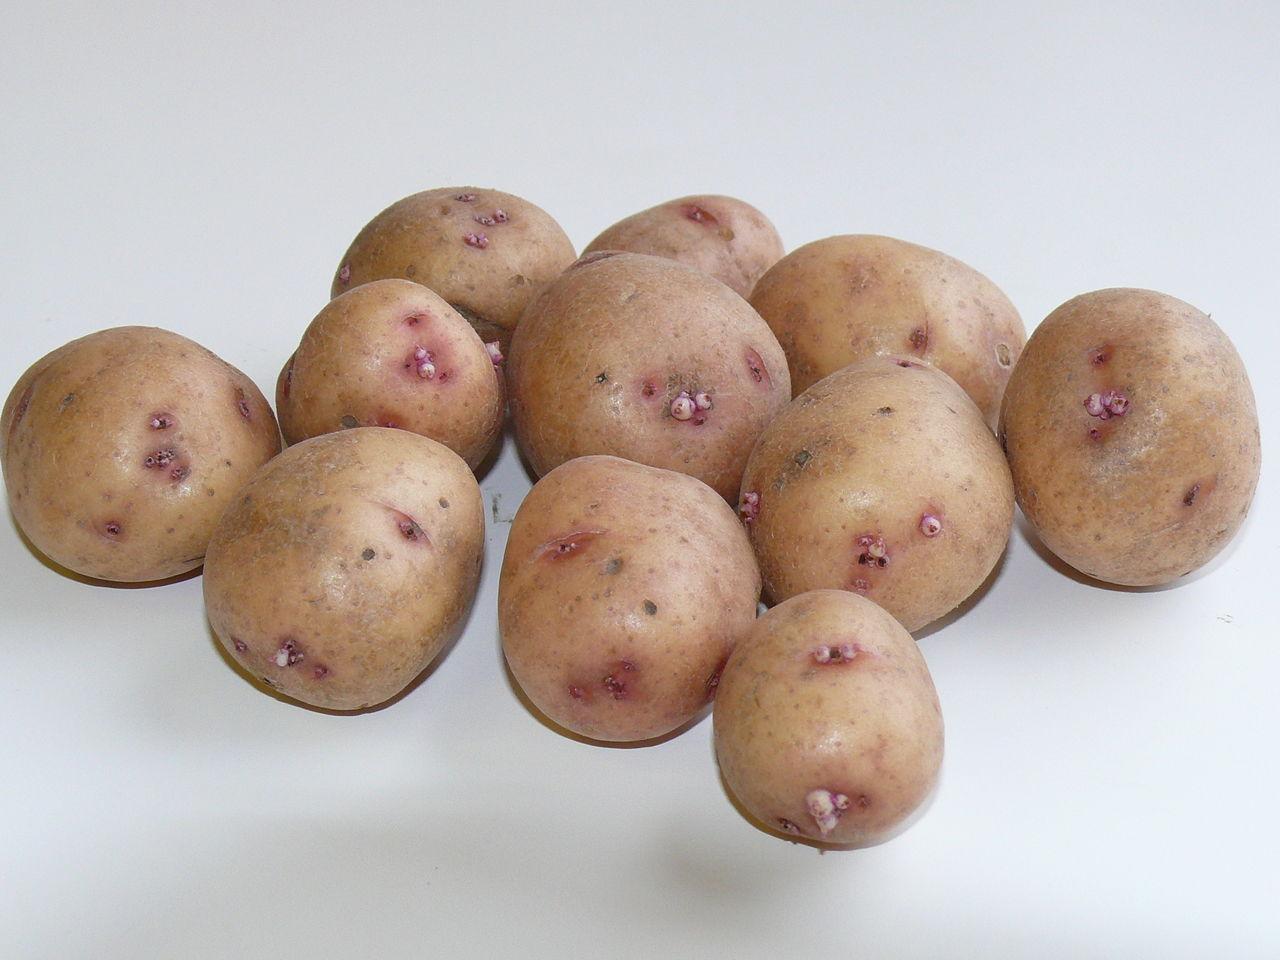 первый начал картошка повинь фото награды достались